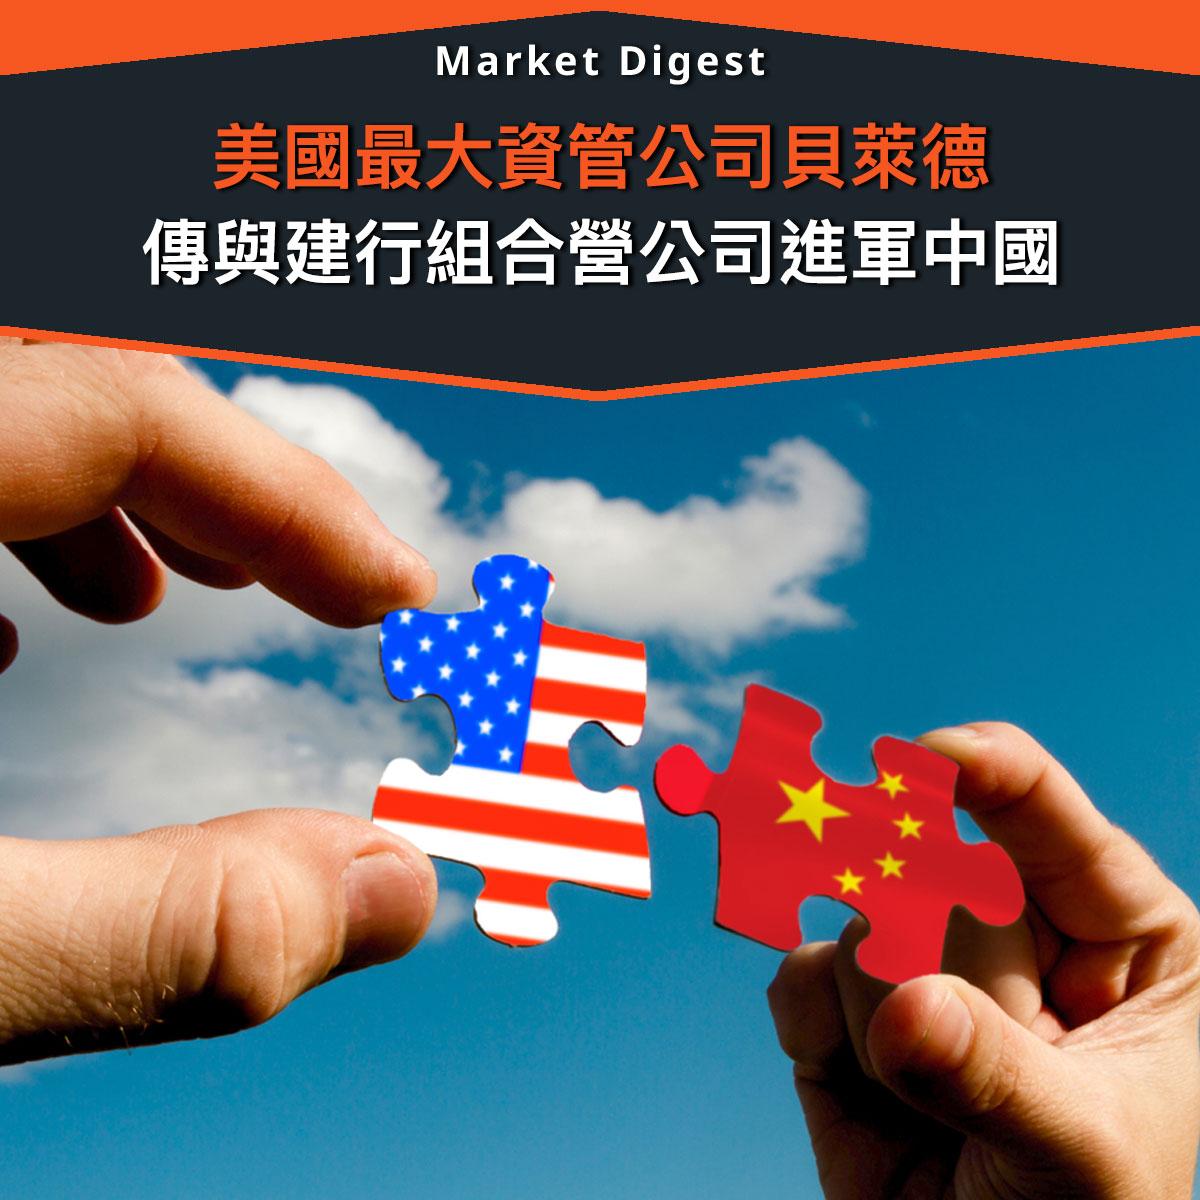 【市場熱話】美國最大資管公司貝萊德,傳與建行組合營公司進軍中國